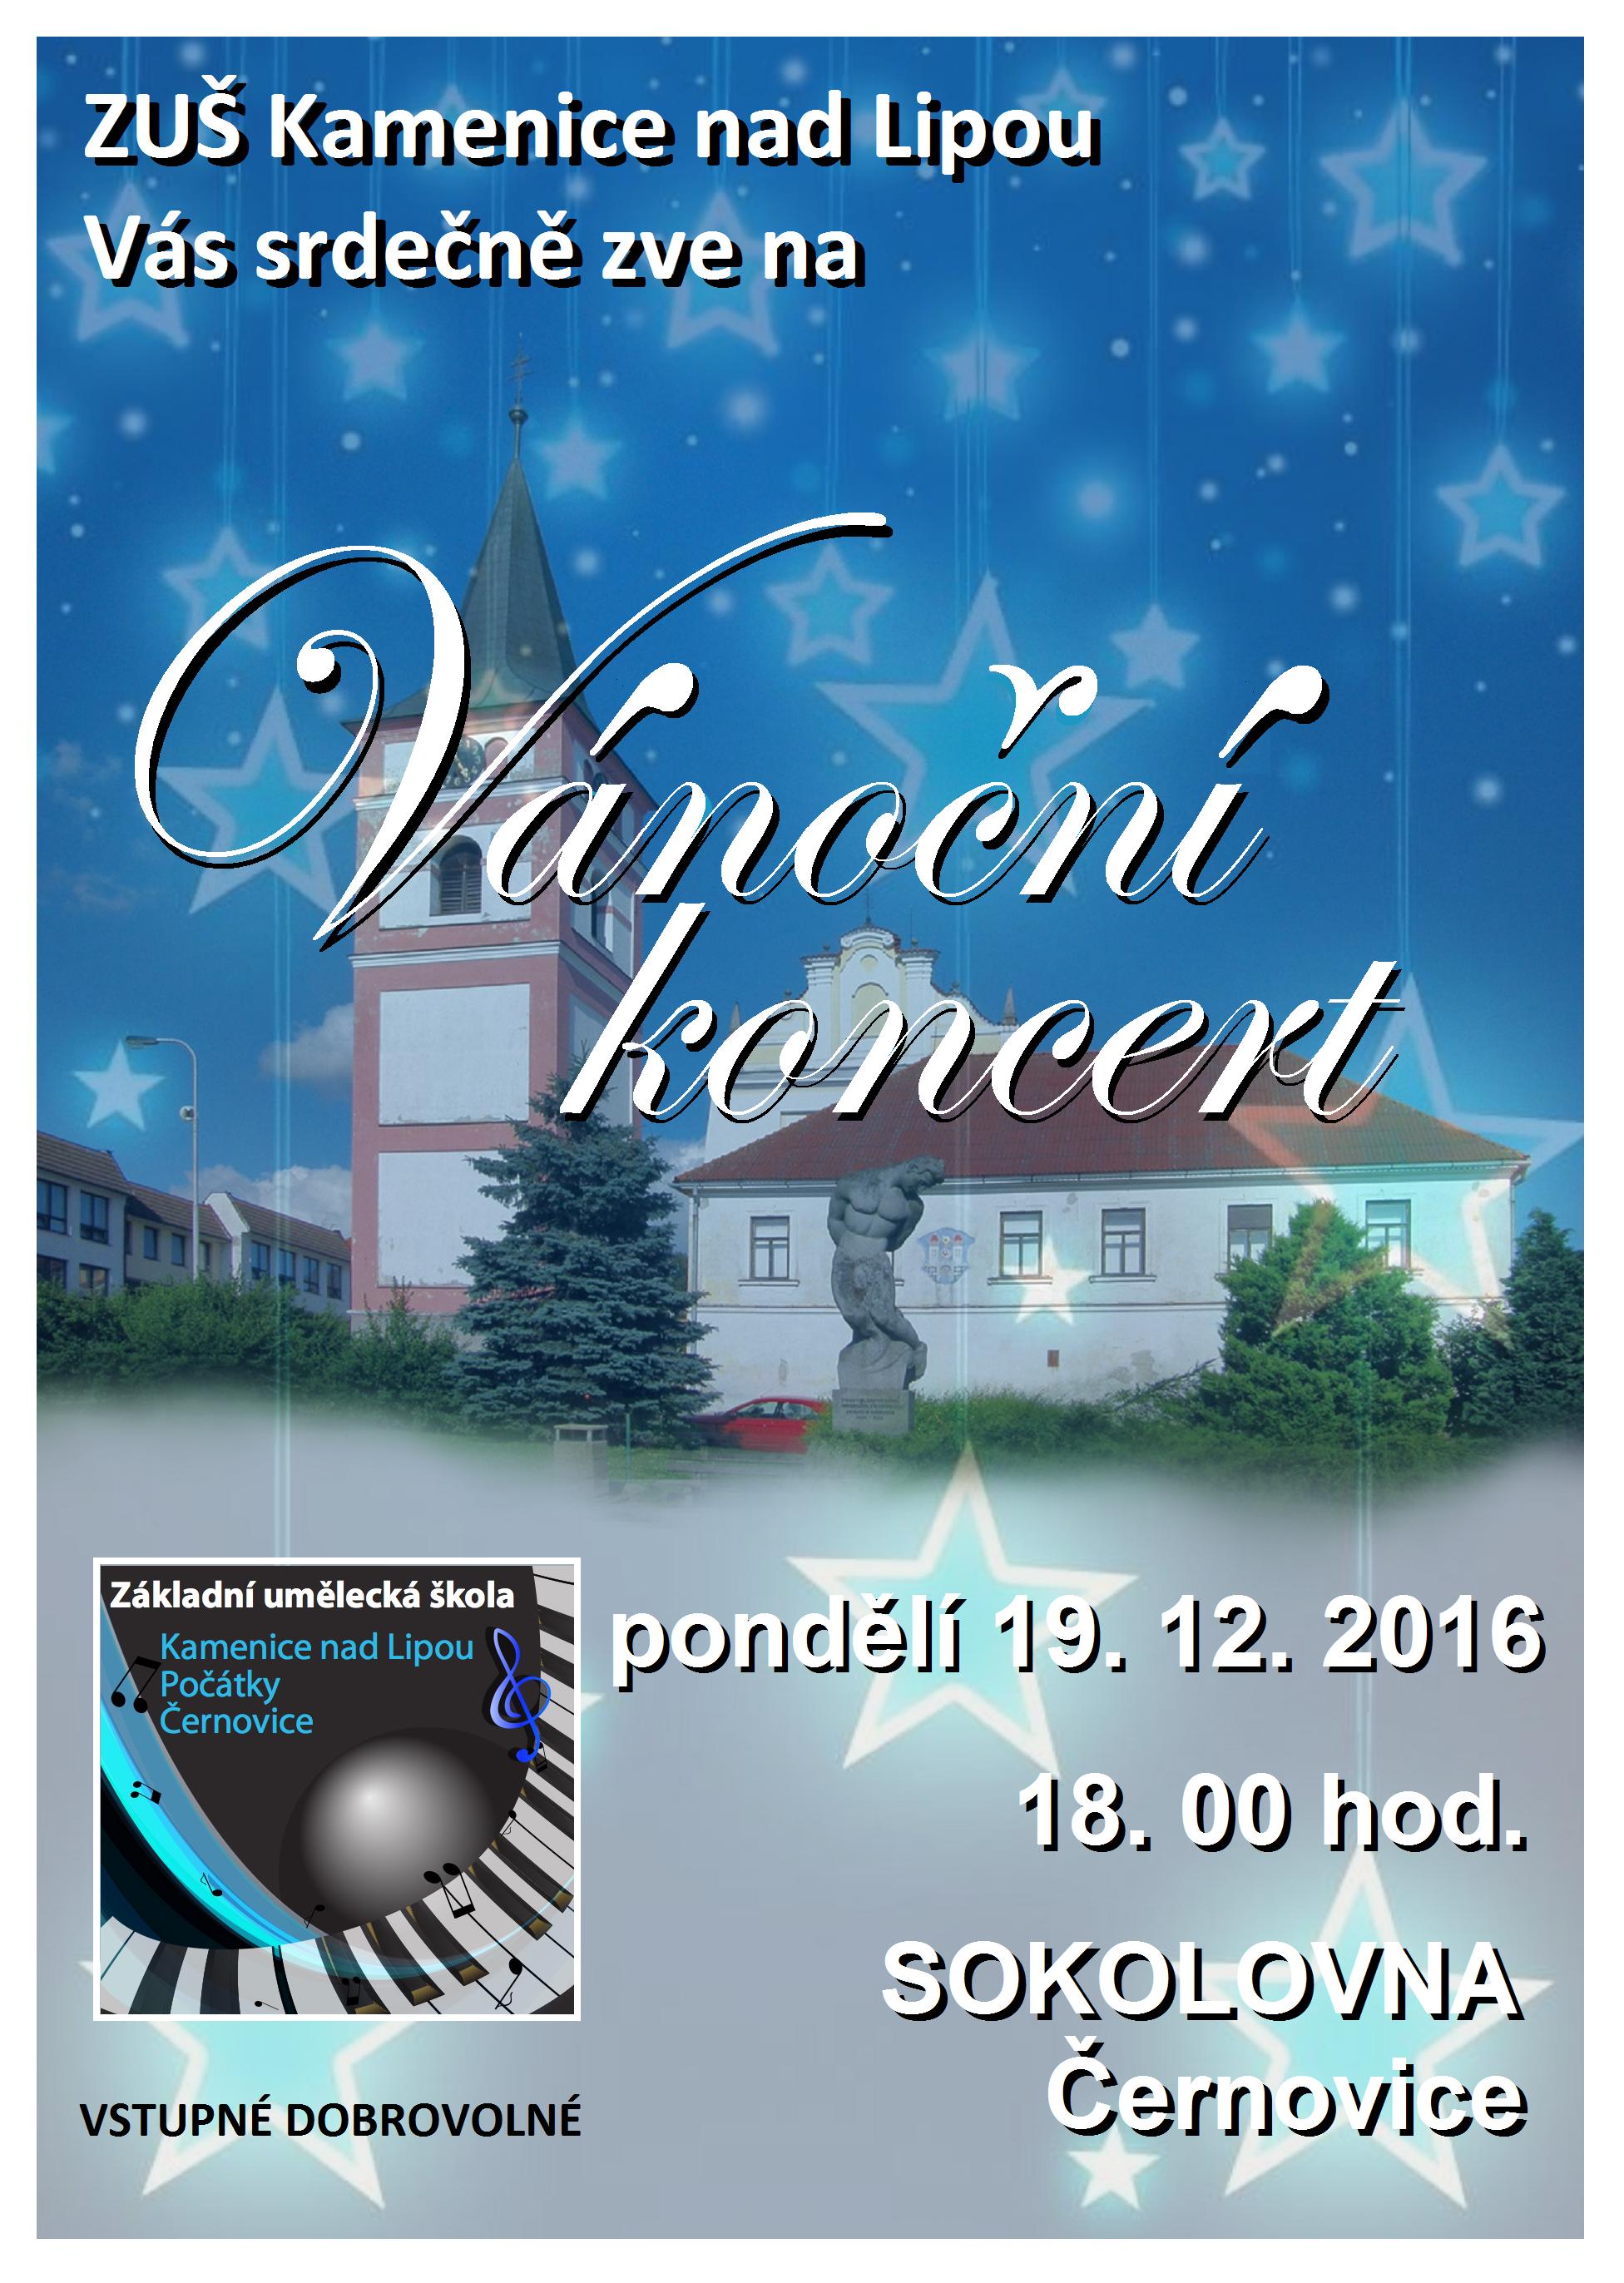 19. 12. 2016 - VÁNOČNÍ KONCERT - ČERNOVICE